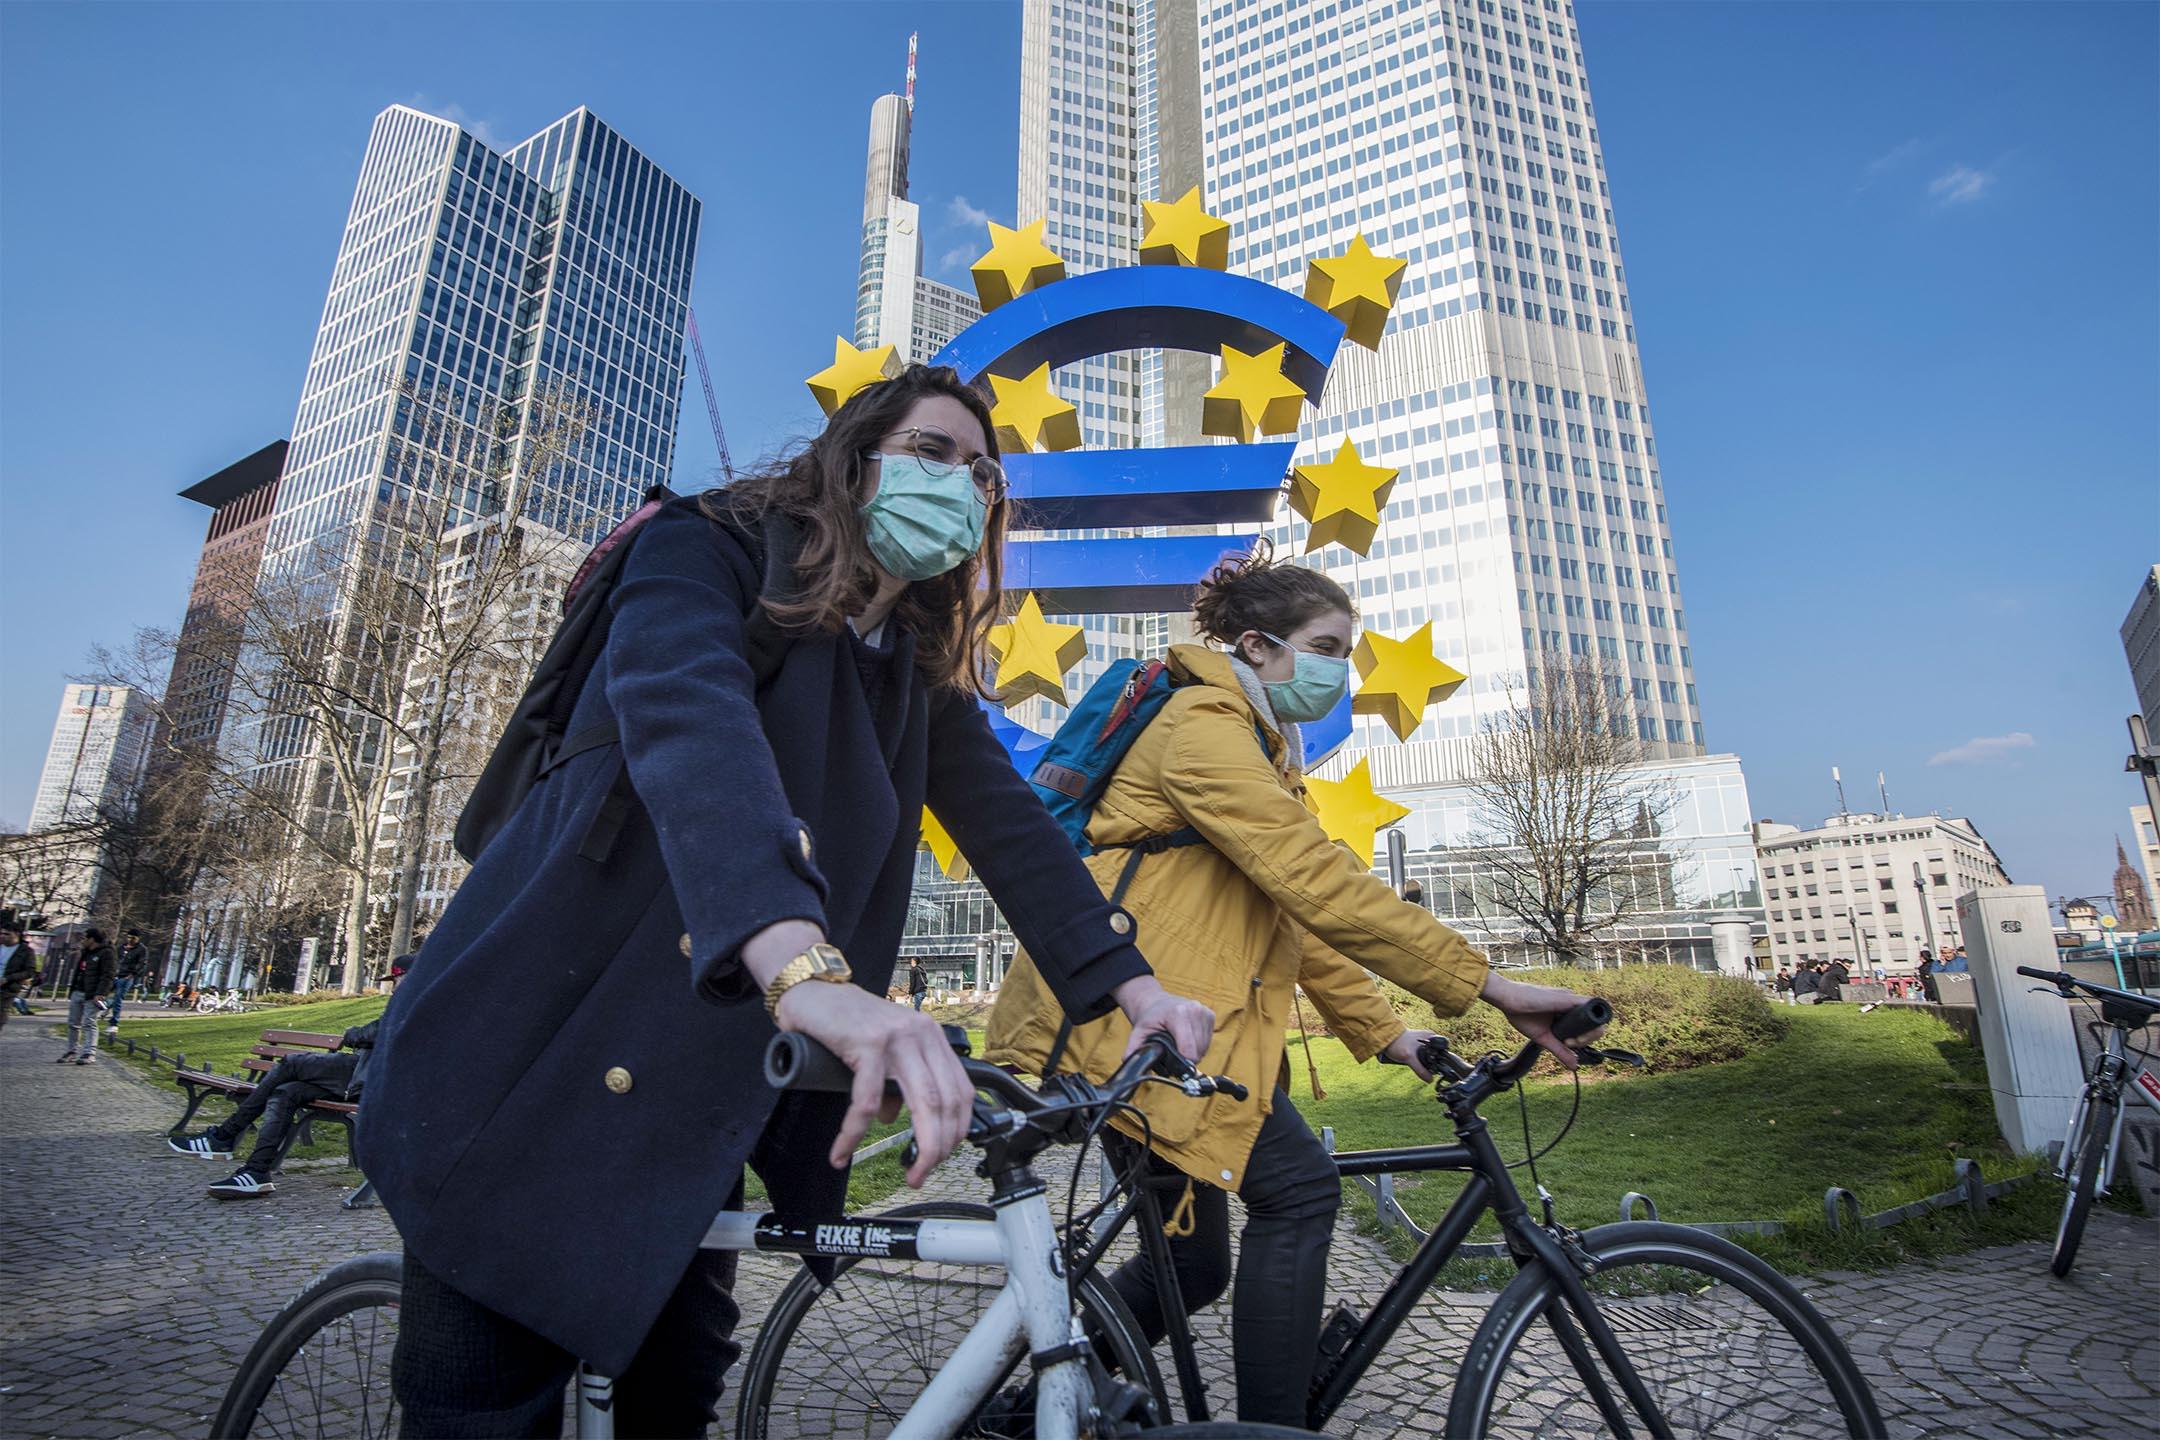 2020年3月19日德國法蘭克福,兩名學生戴著口罩騎自行車經過歐盟雕塑。 攝:Thomas Lohnes/Getty Images